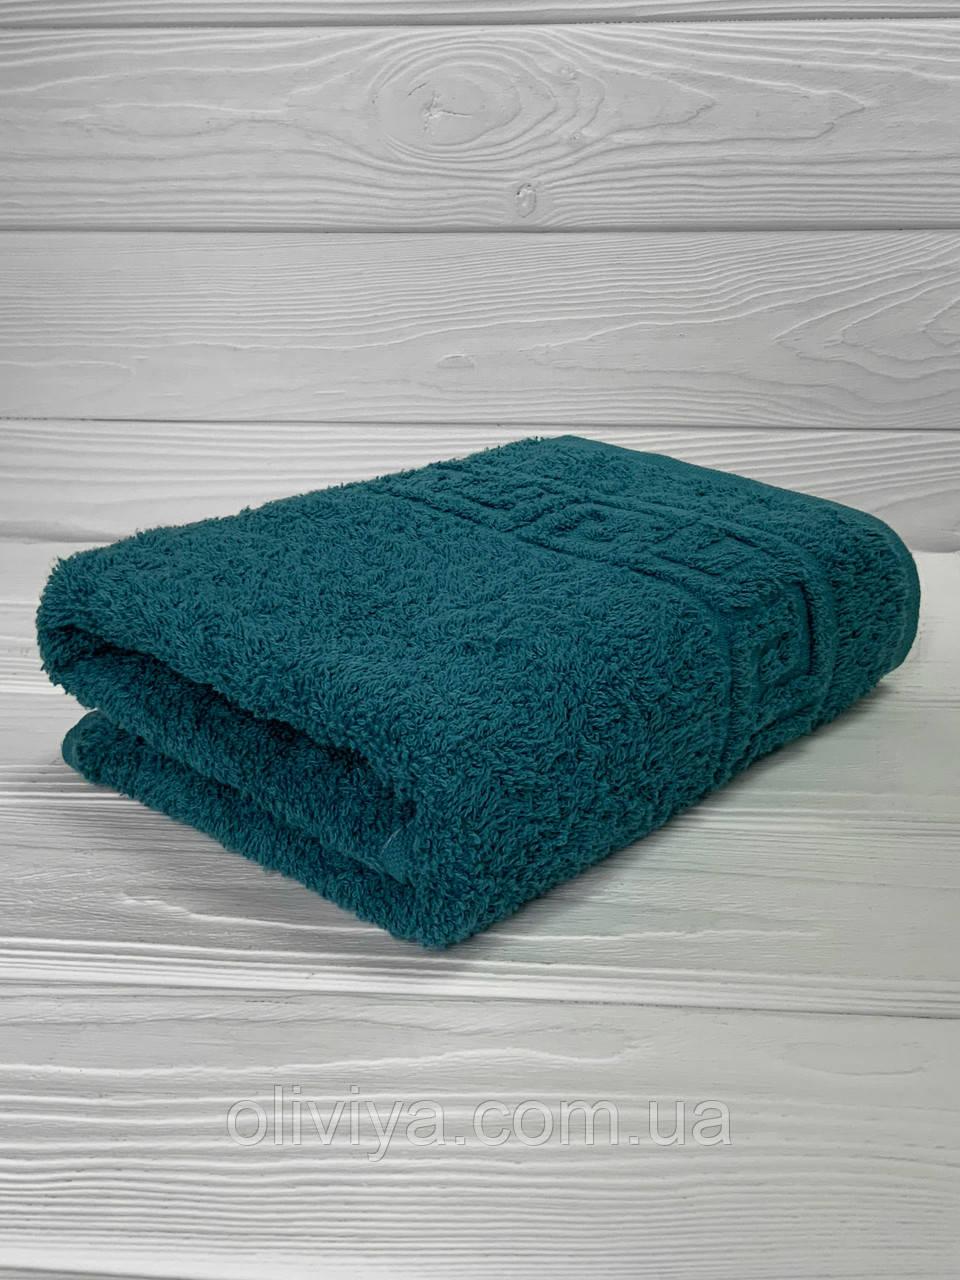 Мини-полотенце для рук махровое морская волна